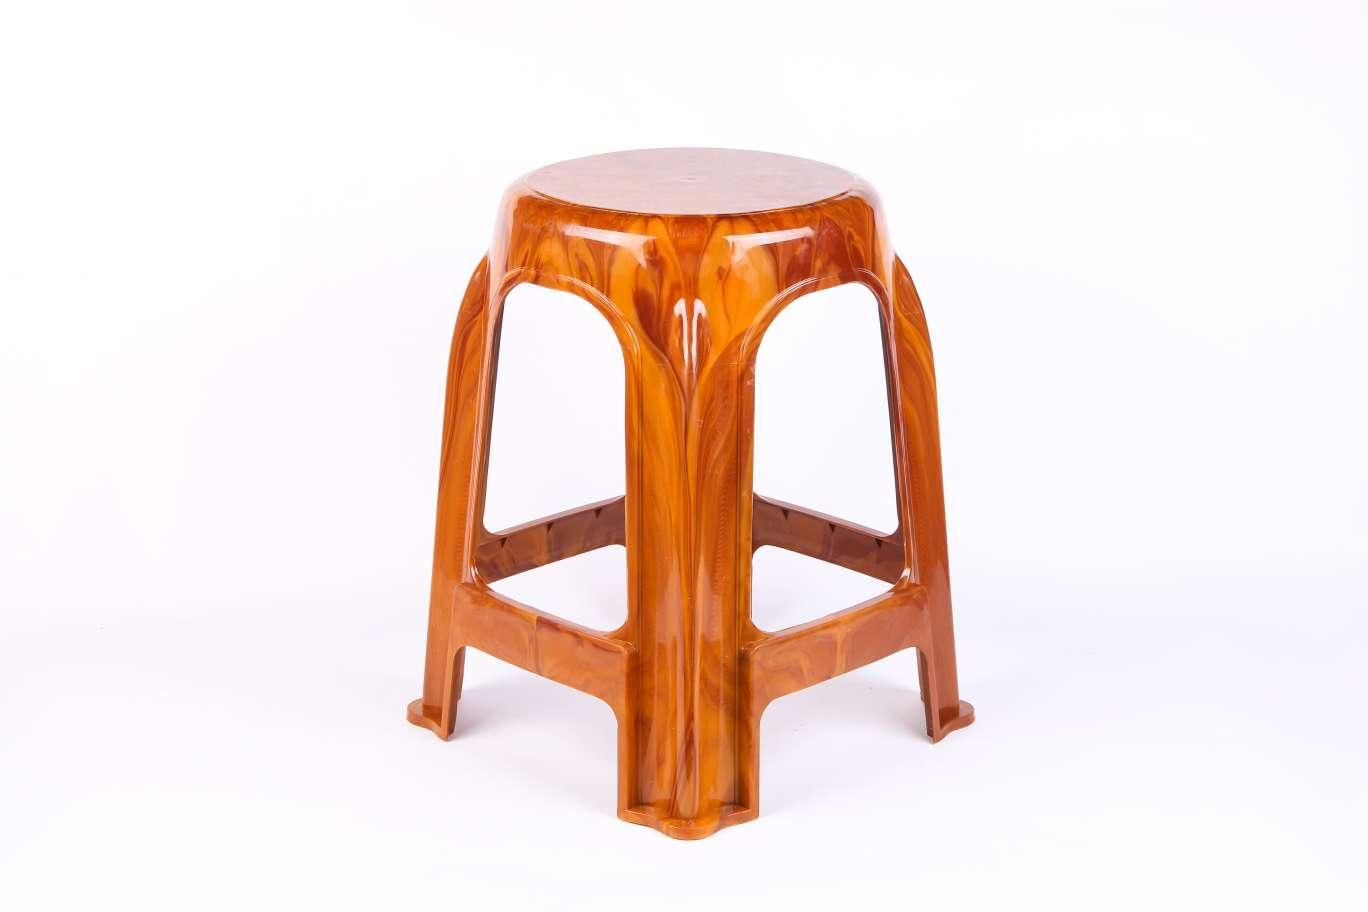 塑料凳子凳子塑料制品日用品高凳